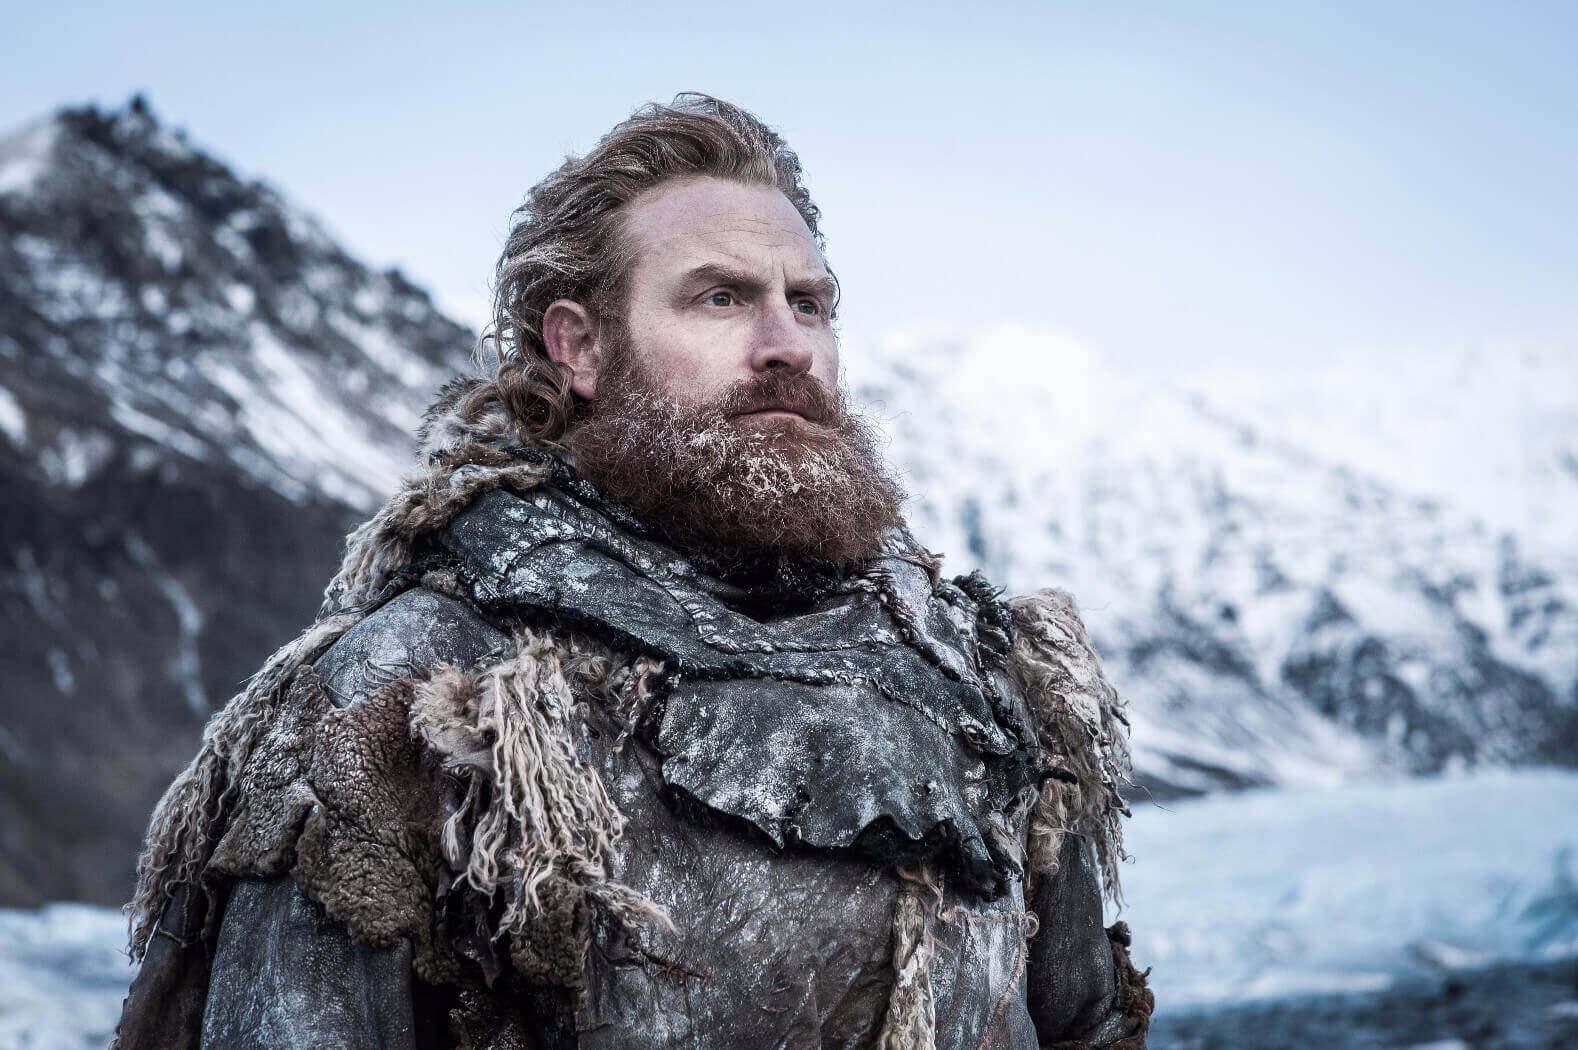 Protéger la barbe en hiver